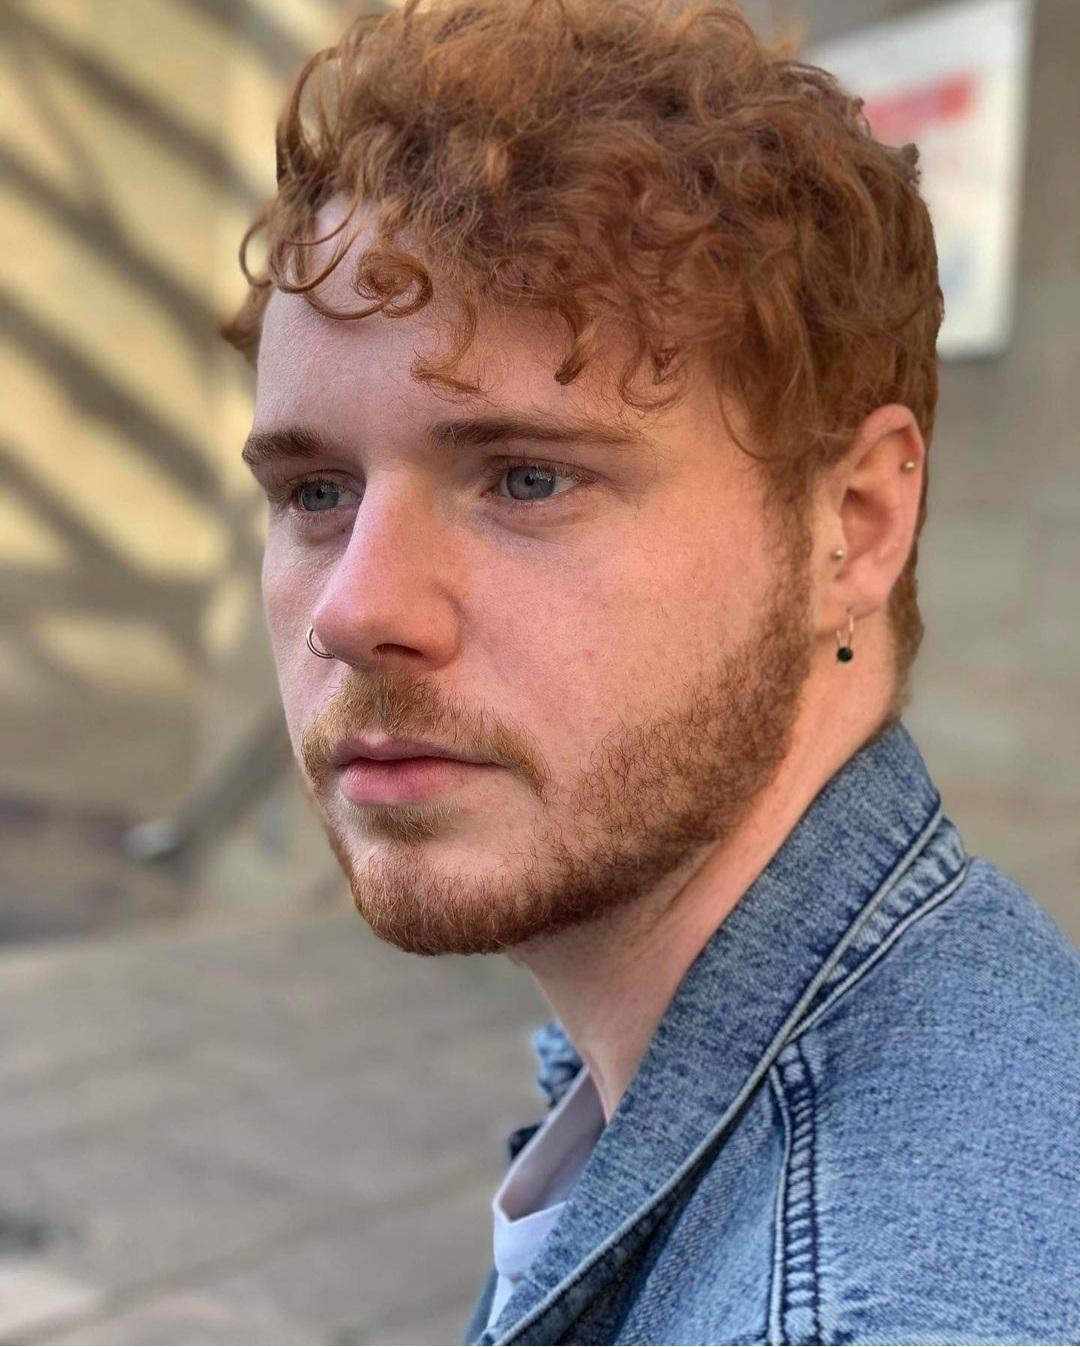 Dylan de Koning